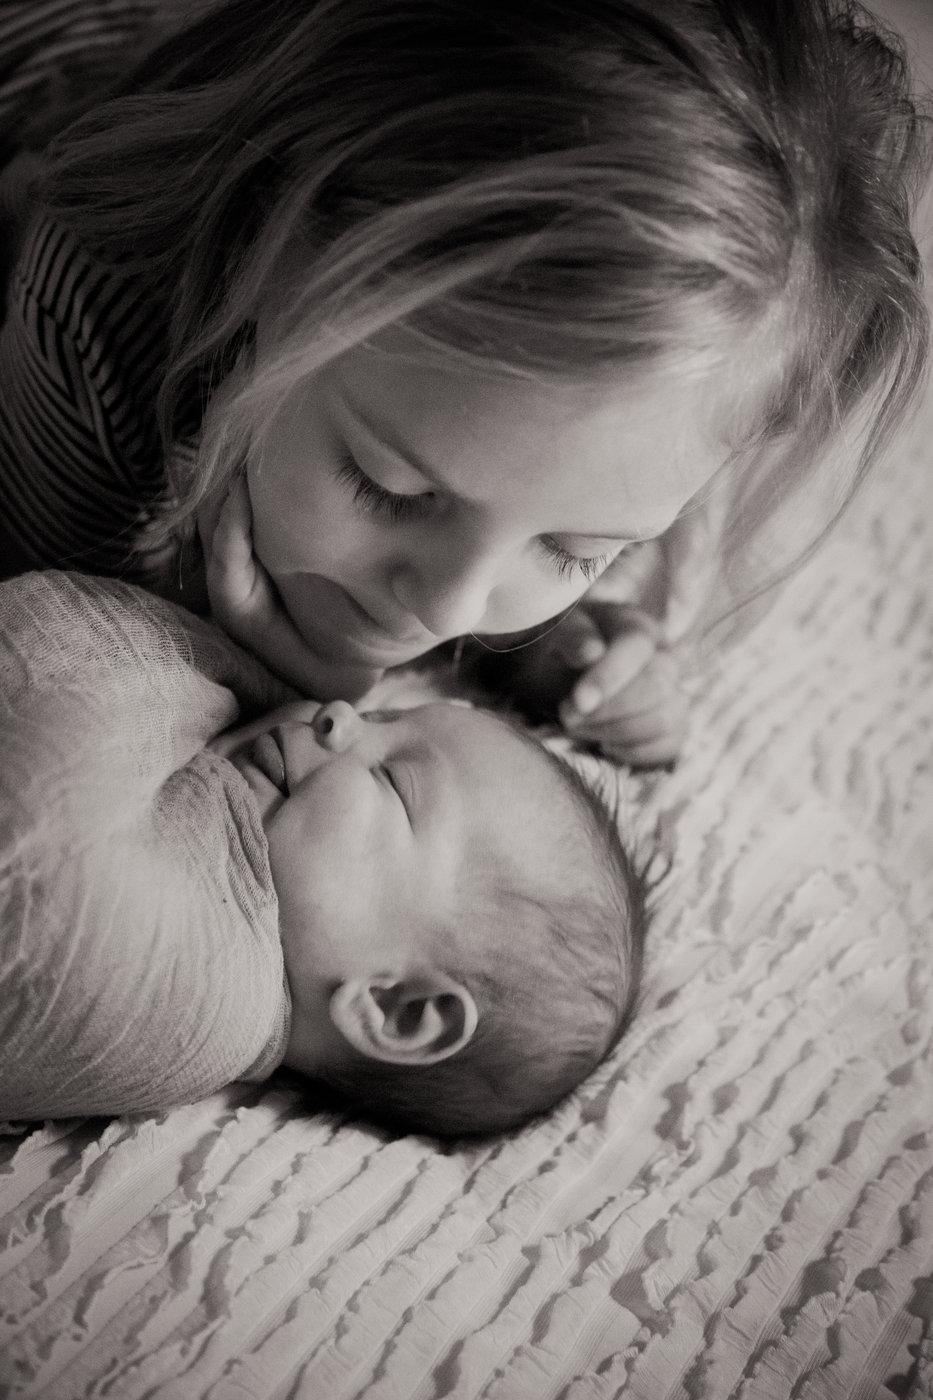 Baby Waylon-Baby Waylon JPEG-0046.jpg